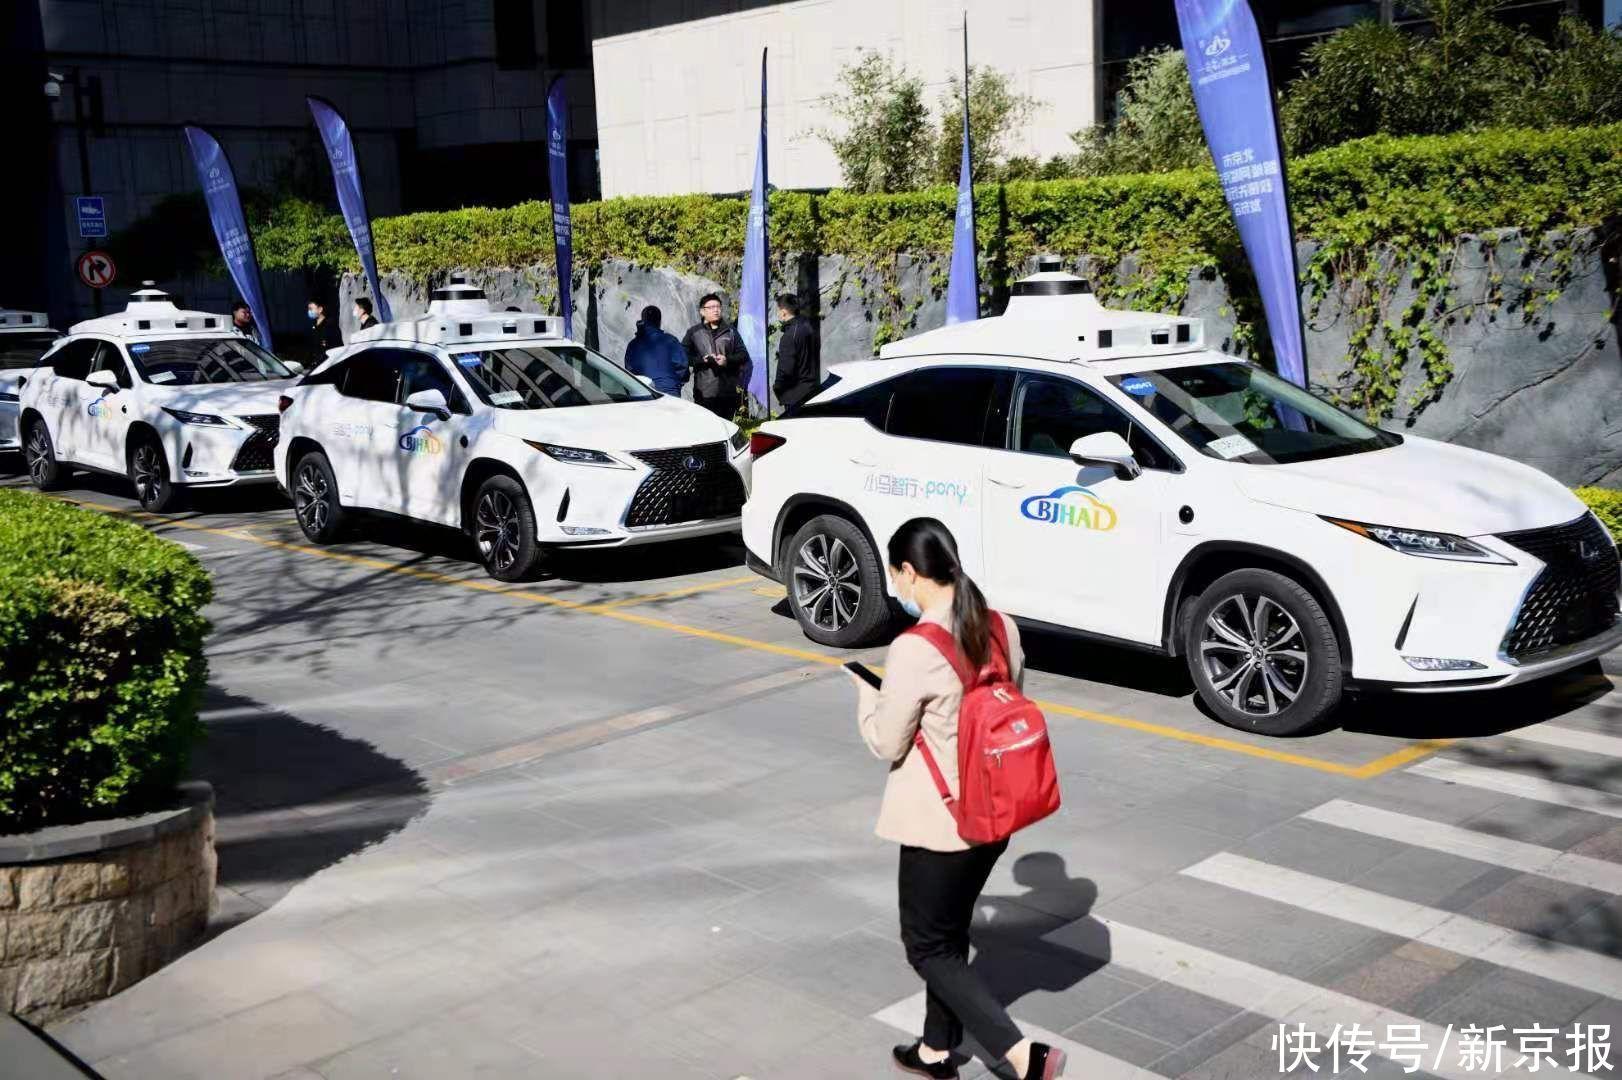 北京将开展无人驾驶车辆高速公路测试,管理细则拟6月公布